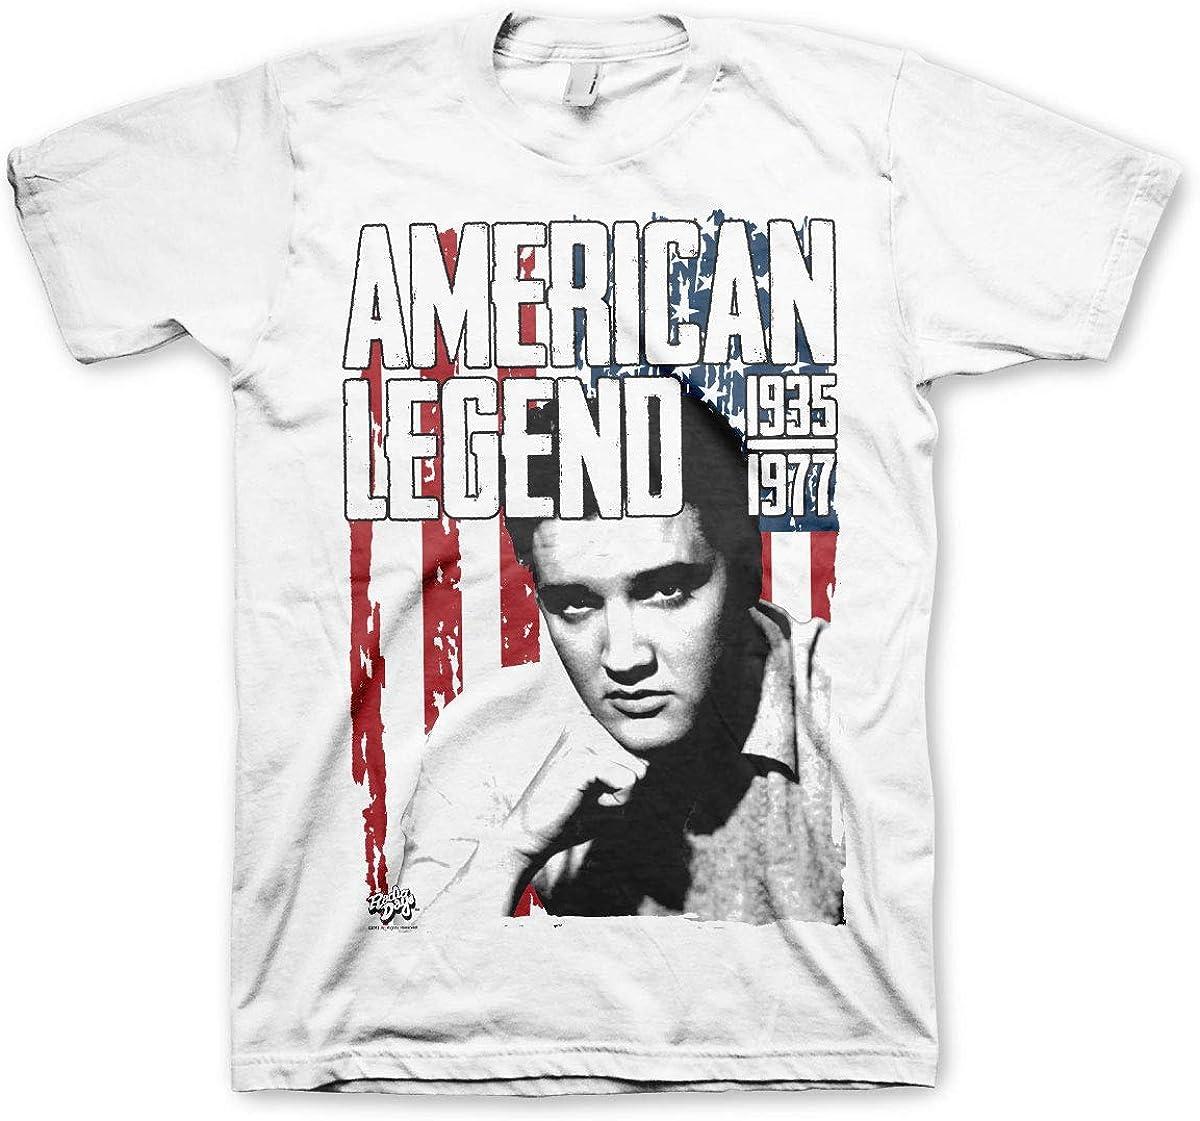 Elvis Presley 1935-1977 Oficial Camiseta para Hombre ...